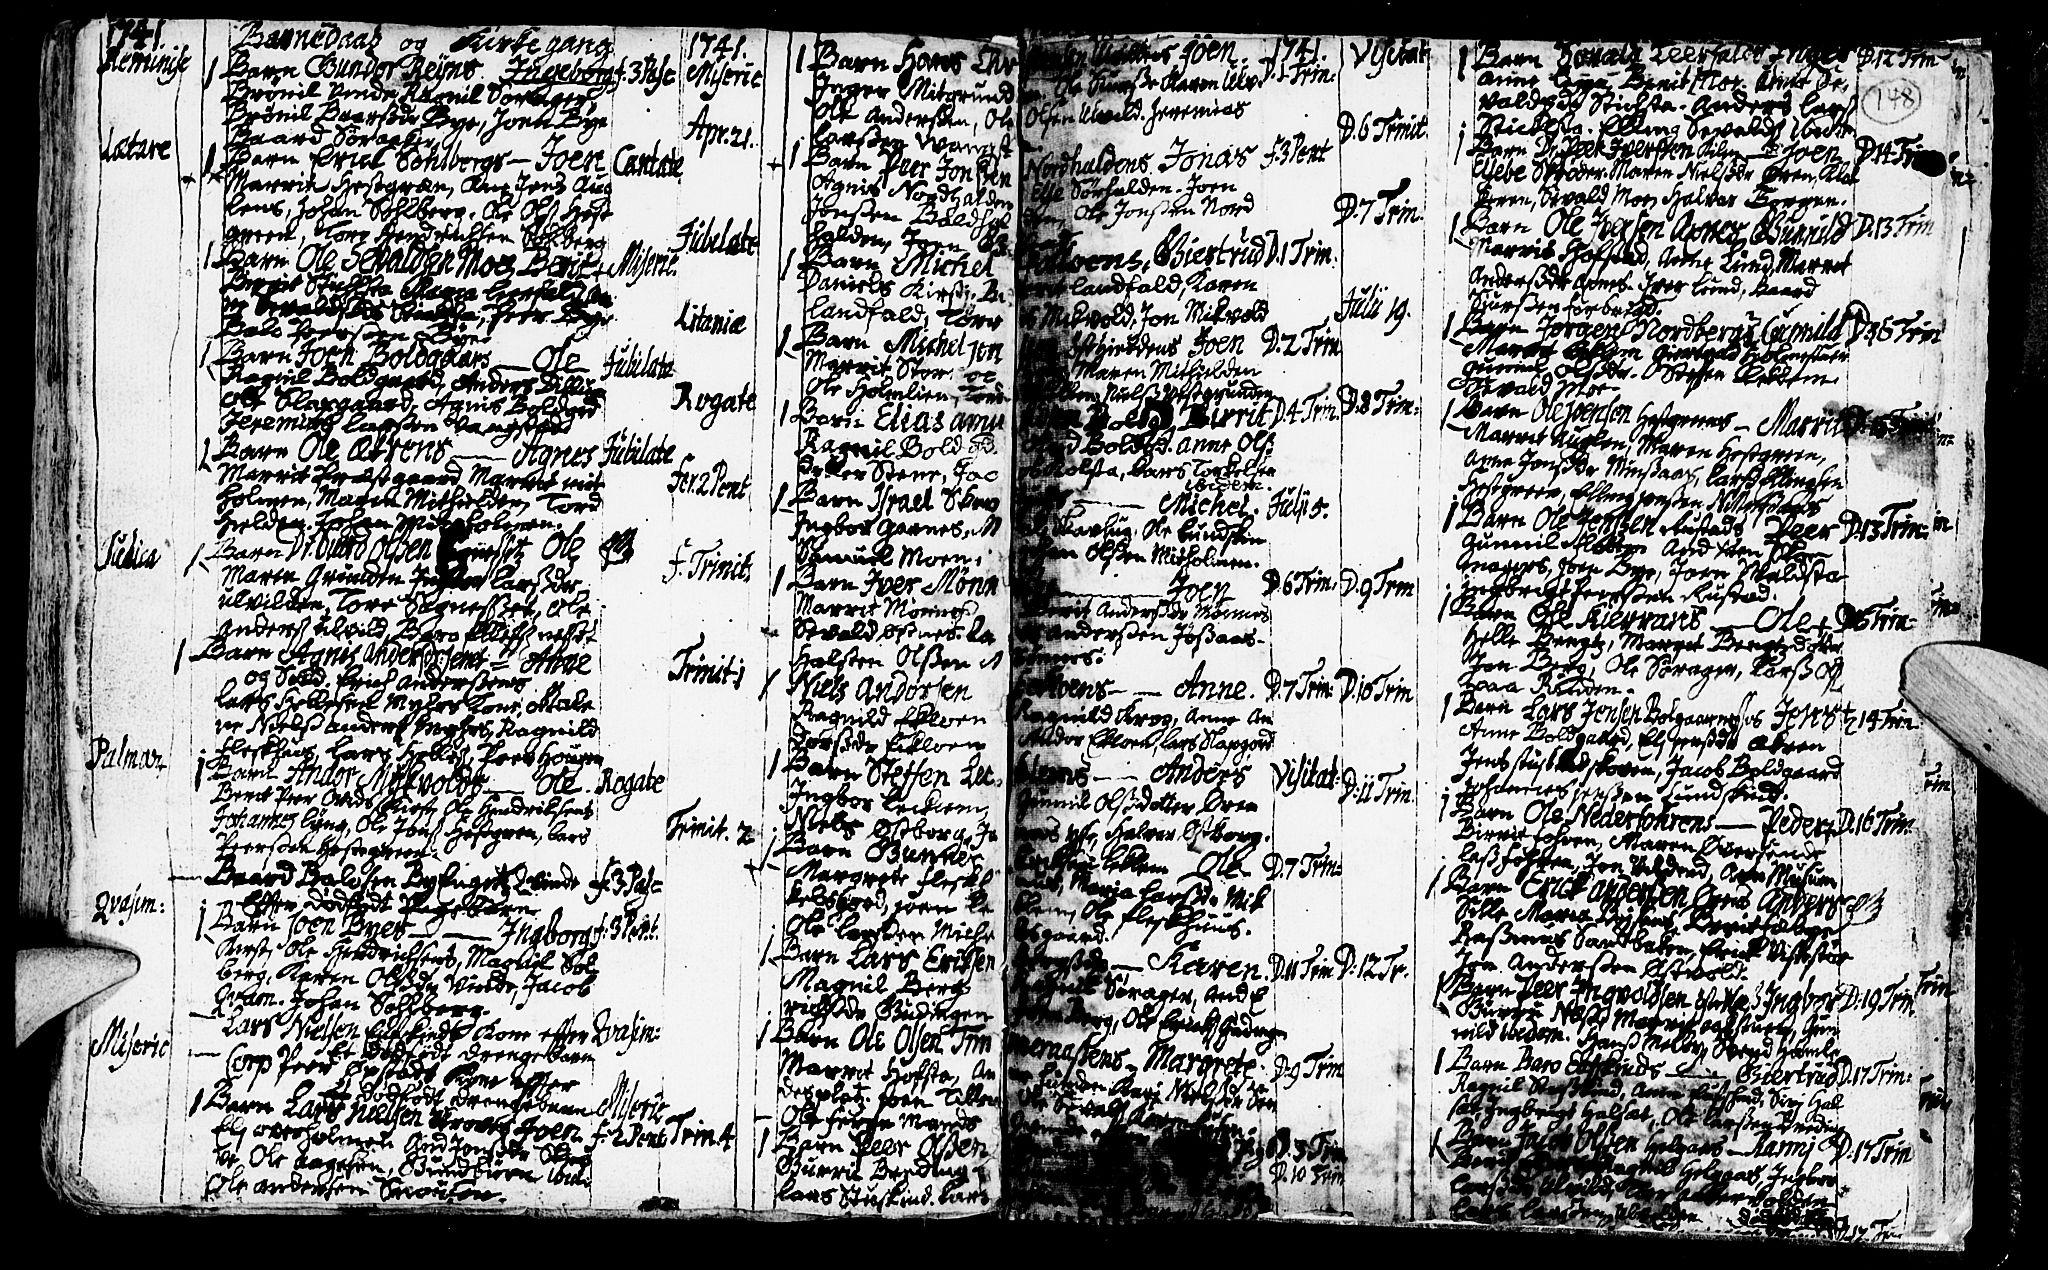 SAT, Ministerialprotokoller, klokkerbøker og fødselsregistre - Nord-Trøndelag, 723/L0230: Ministerialbok nr. 723A01, 1705-1747, s. 148